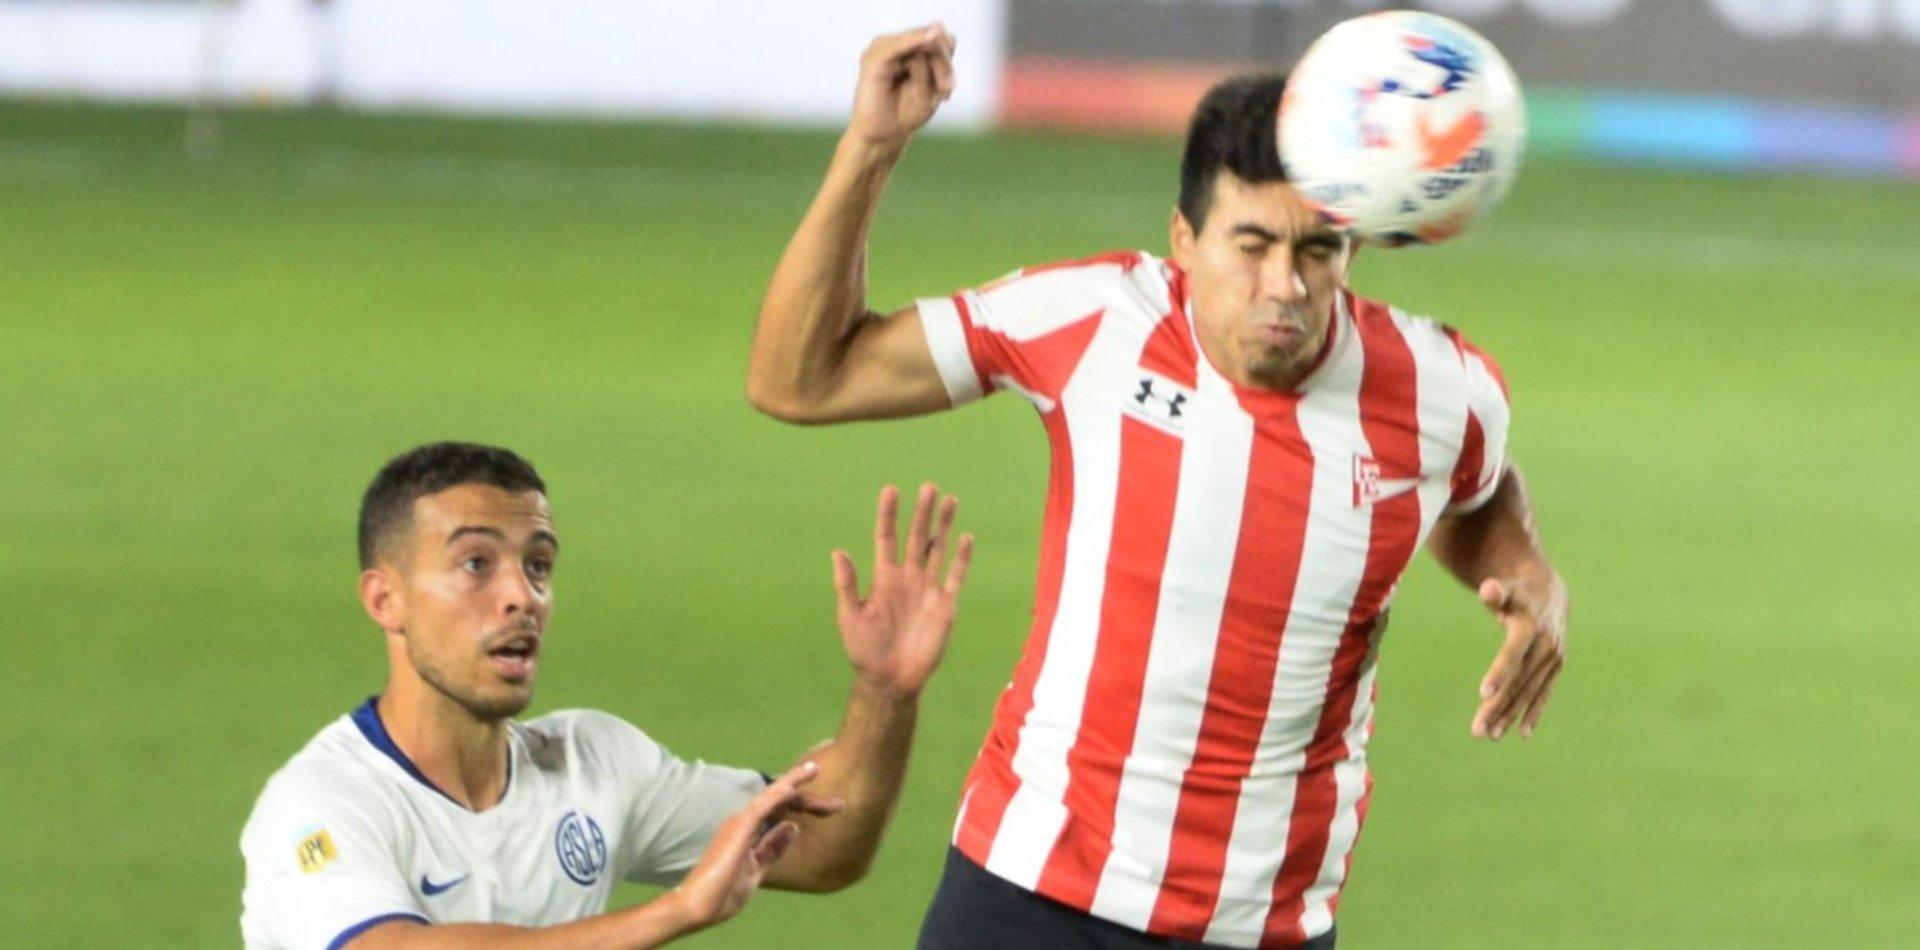 Estudiantes recibe a Aldosivi y busca ganar tras cuatro partidos